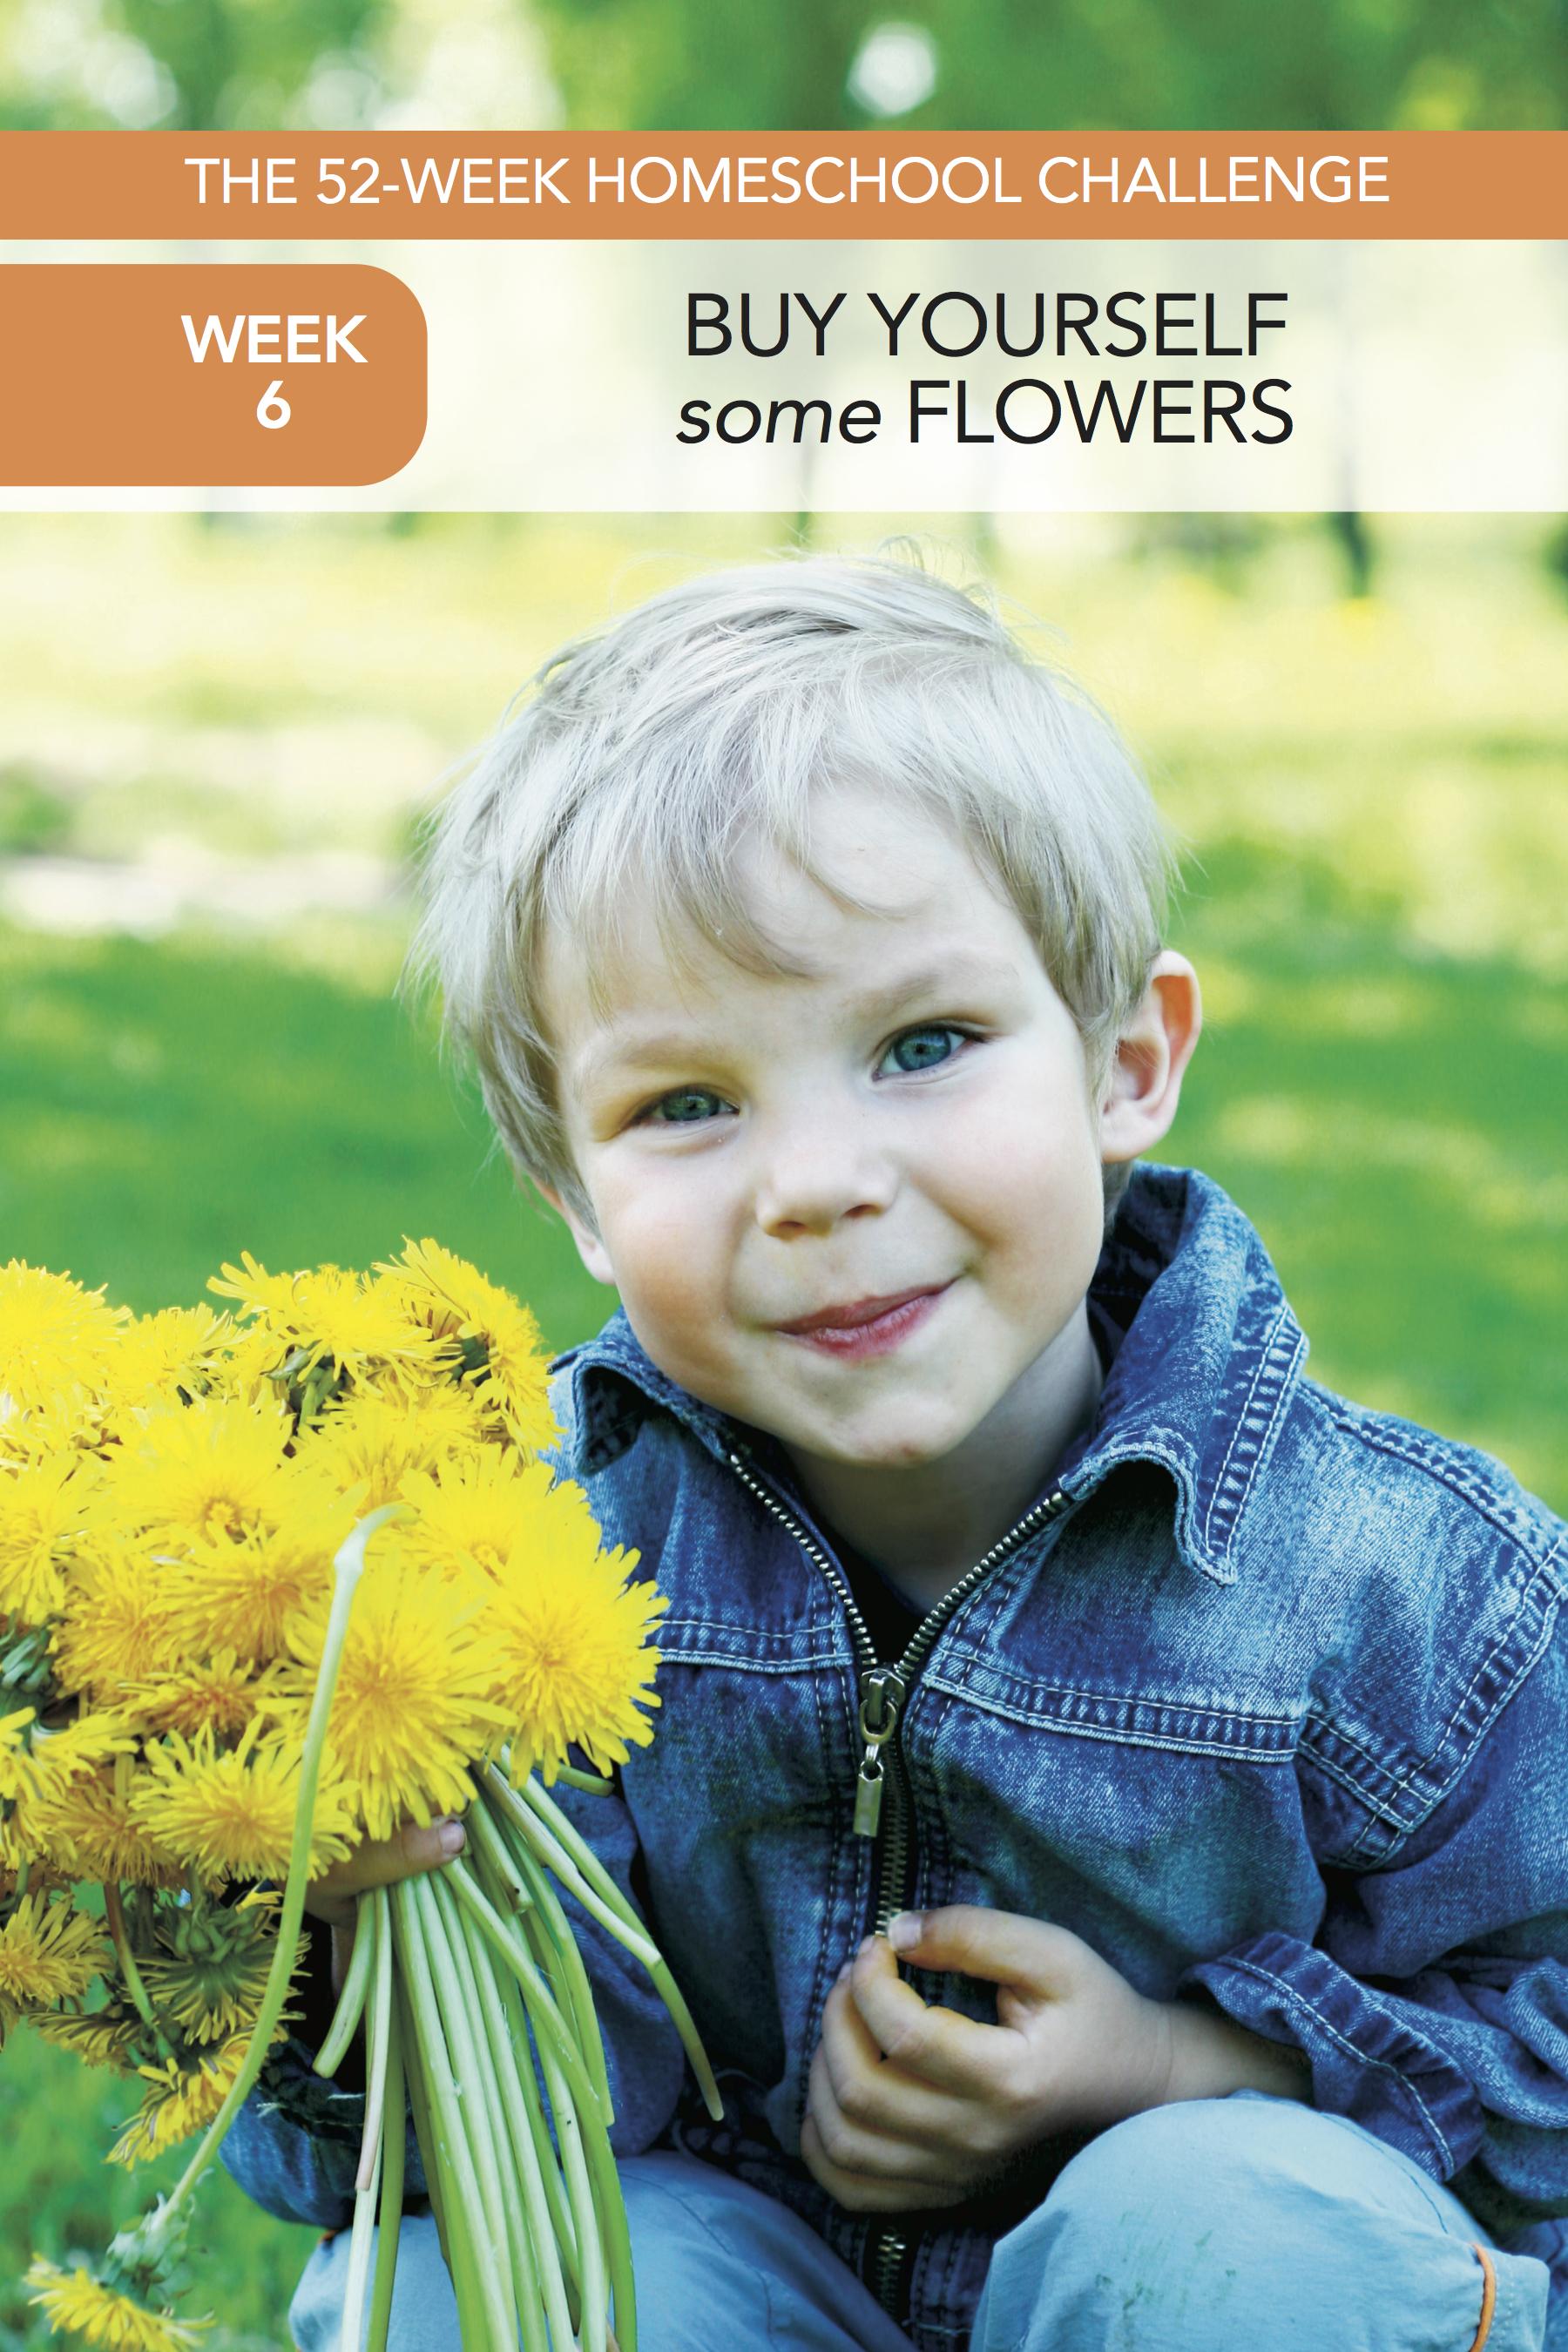 52 Weeks of Happier Homeschooling Week 6: Buy Yourself Some Flowers